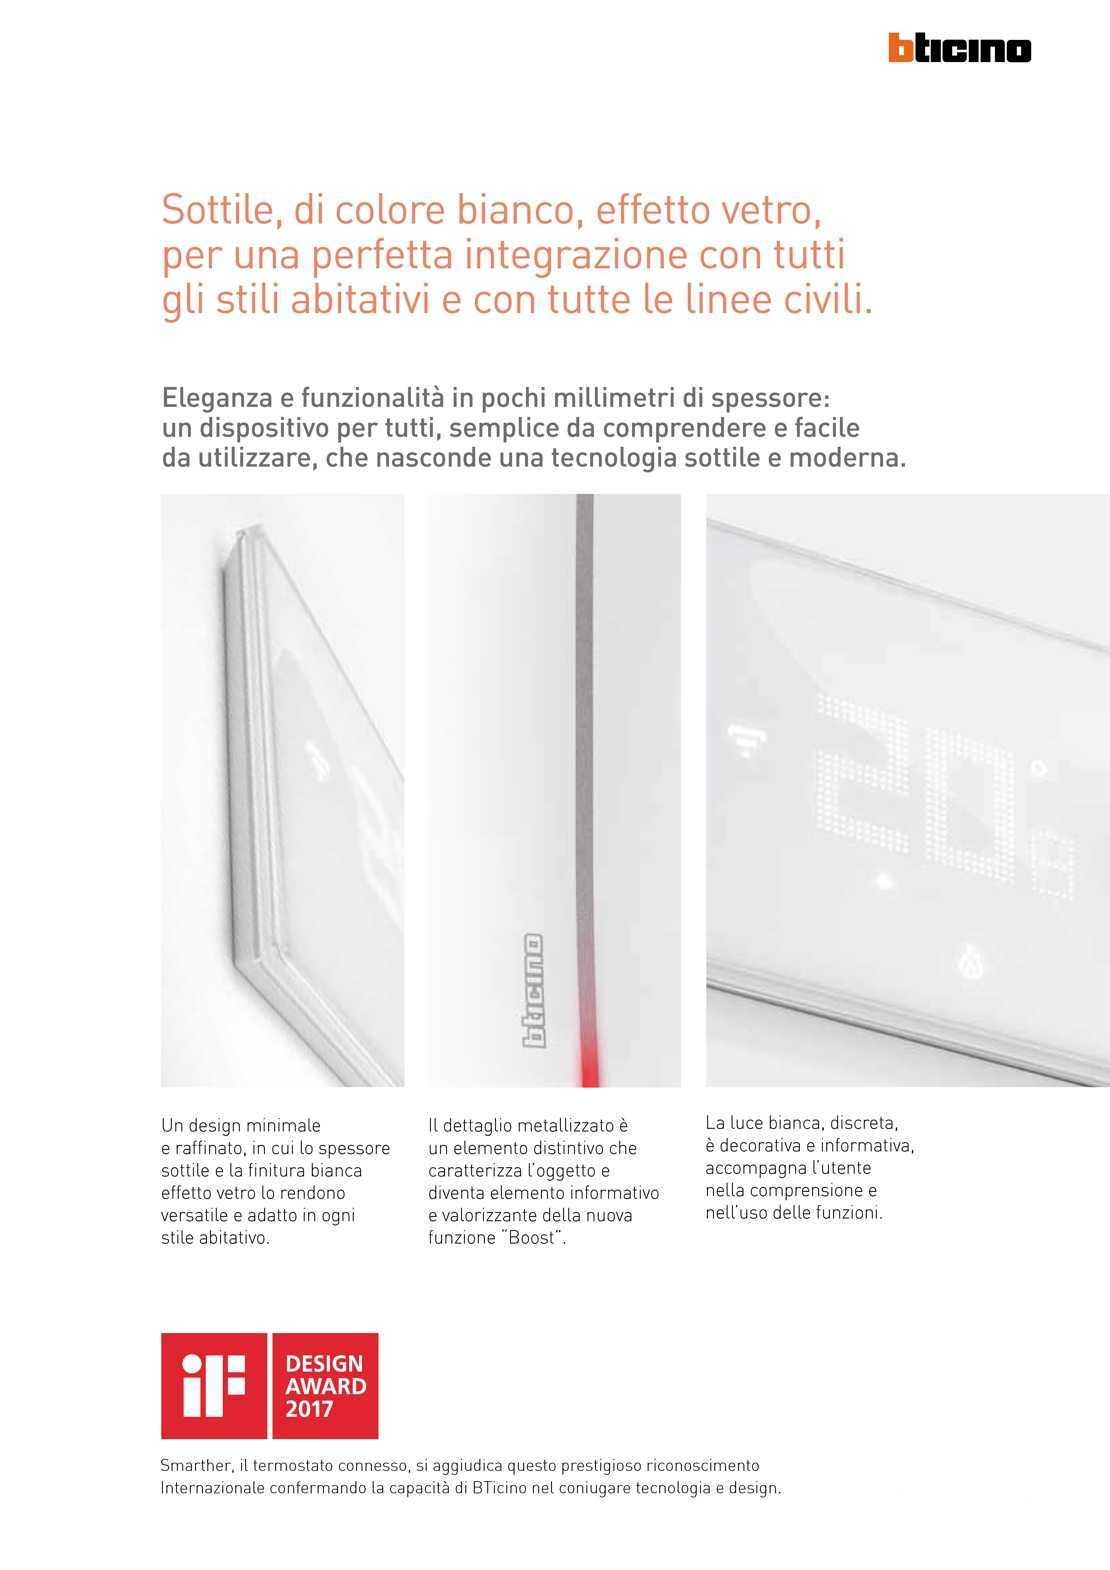 Bticino termostato x8000 smarther incasso wifi app per - Smarther bticino ...